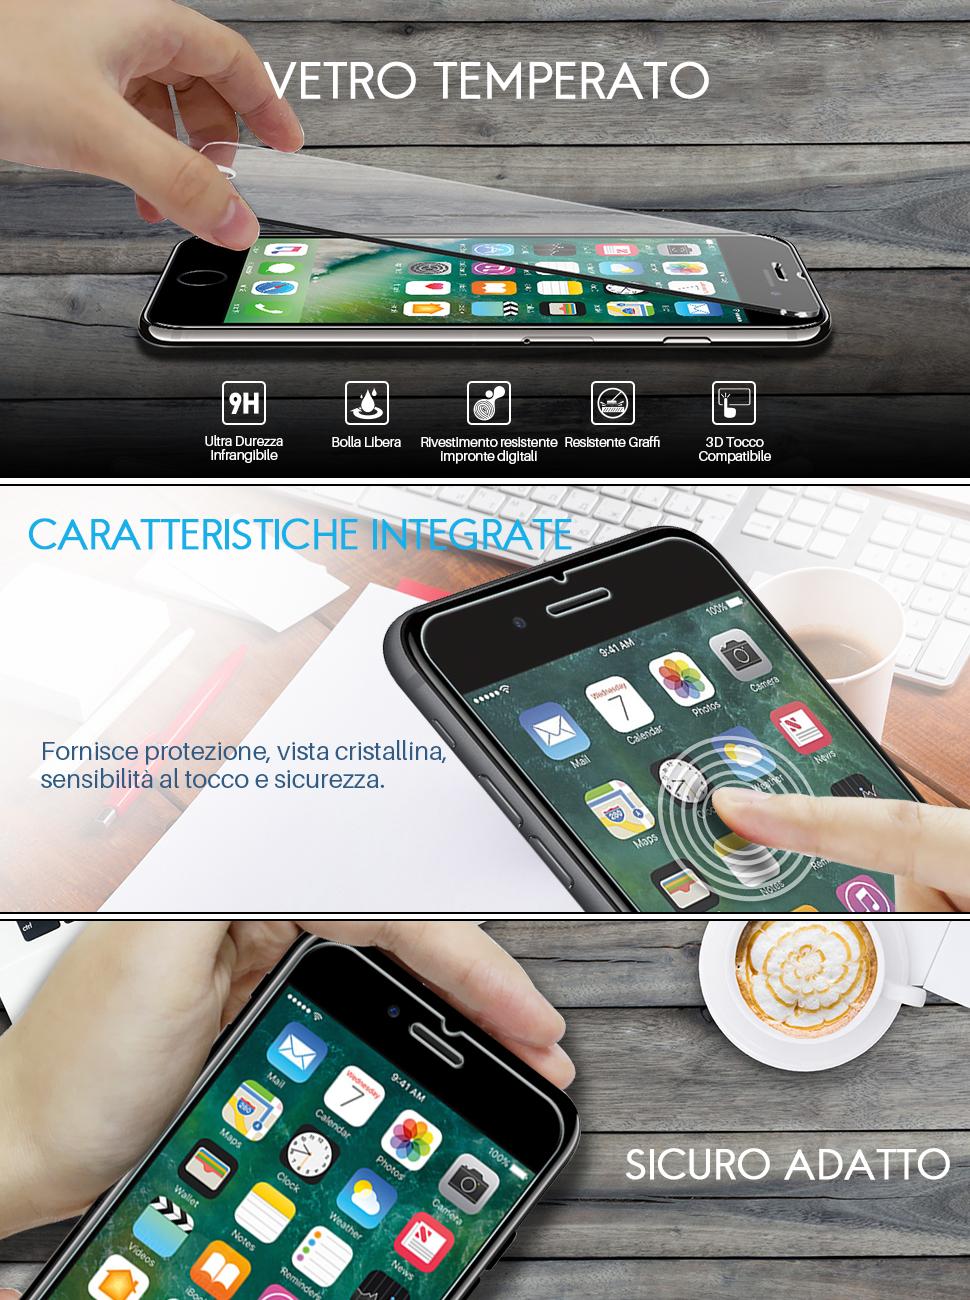 LK Protezione Schermo Vetro Temperato Screen Protector Installazione Semplice Cornice allineamento 3 Pack Pellicola Protettiva per iPhone 7 // iPhone 8, Garanzia di Sostituzione a Vita